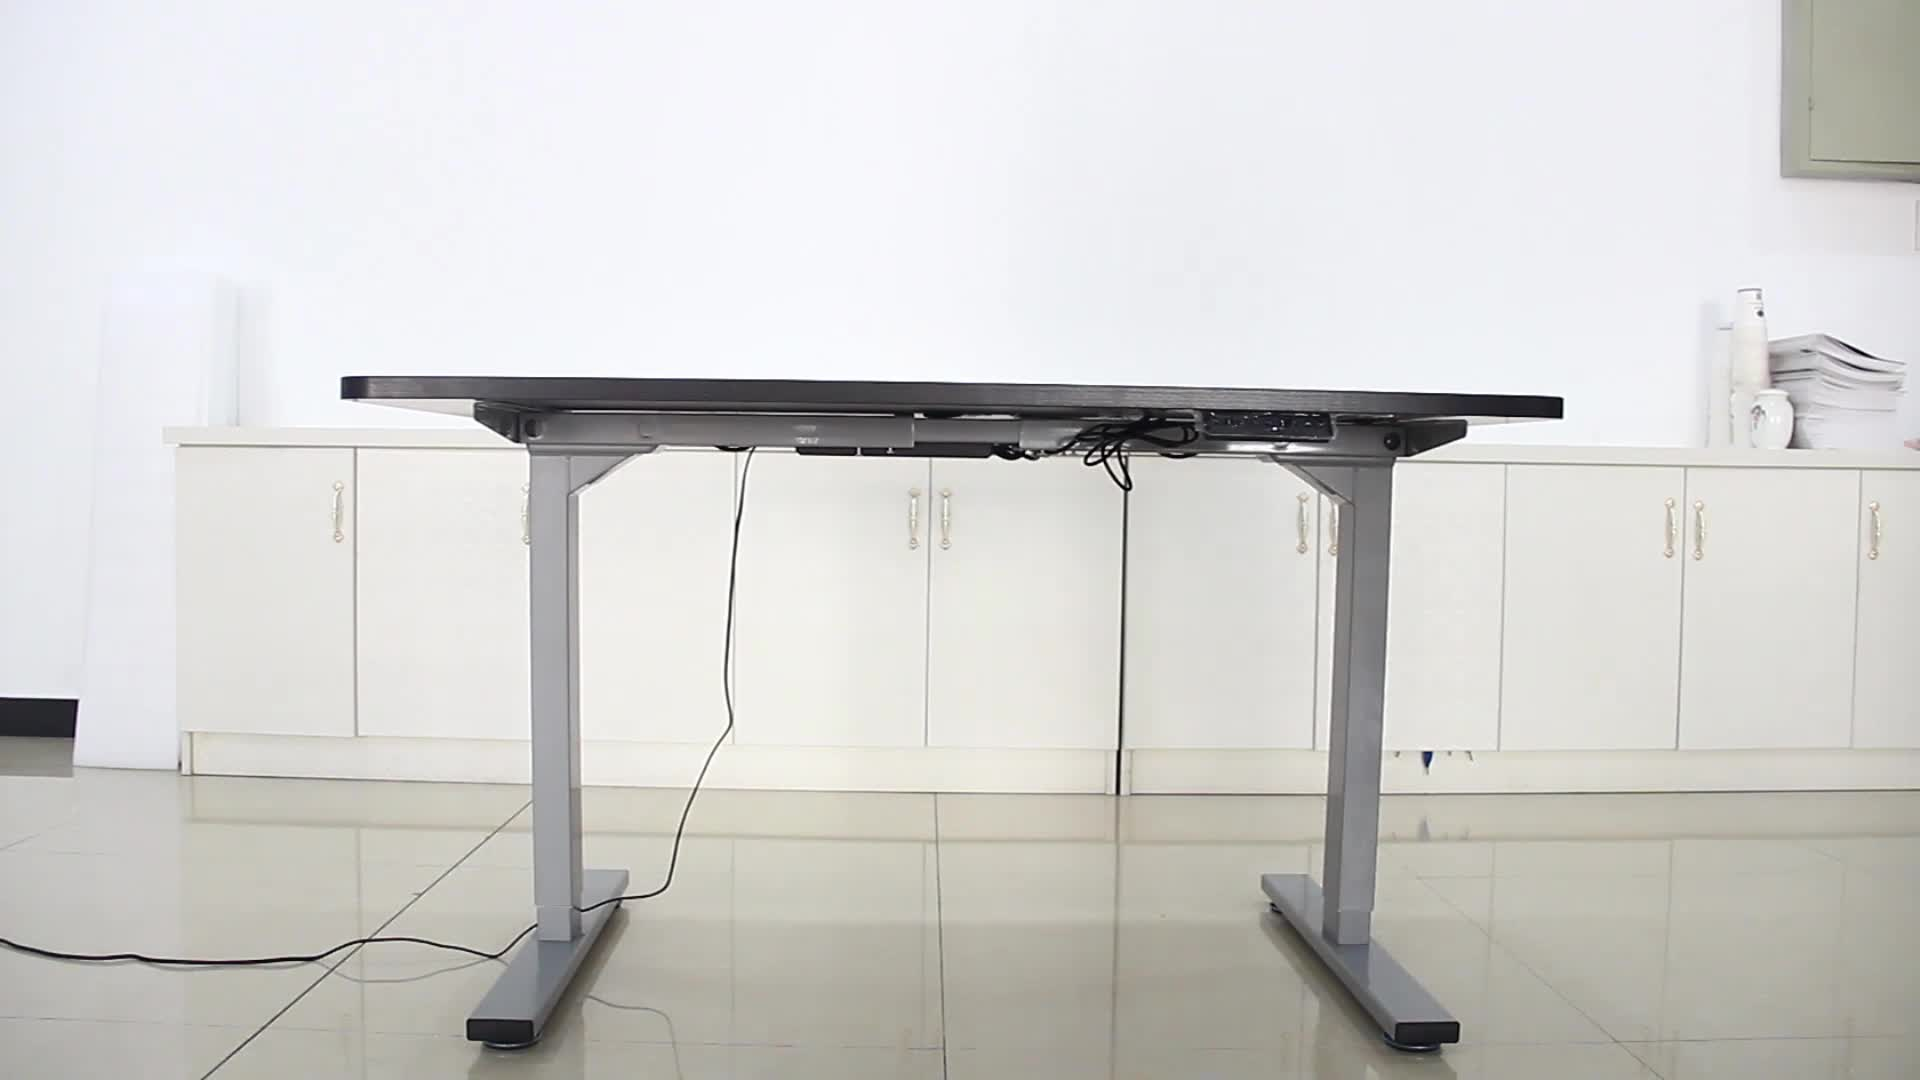 Офисная мебель Горячая продажа стоьте вверх стоьте компьютерный стоящий стол регулируемый по высоте электрический стол